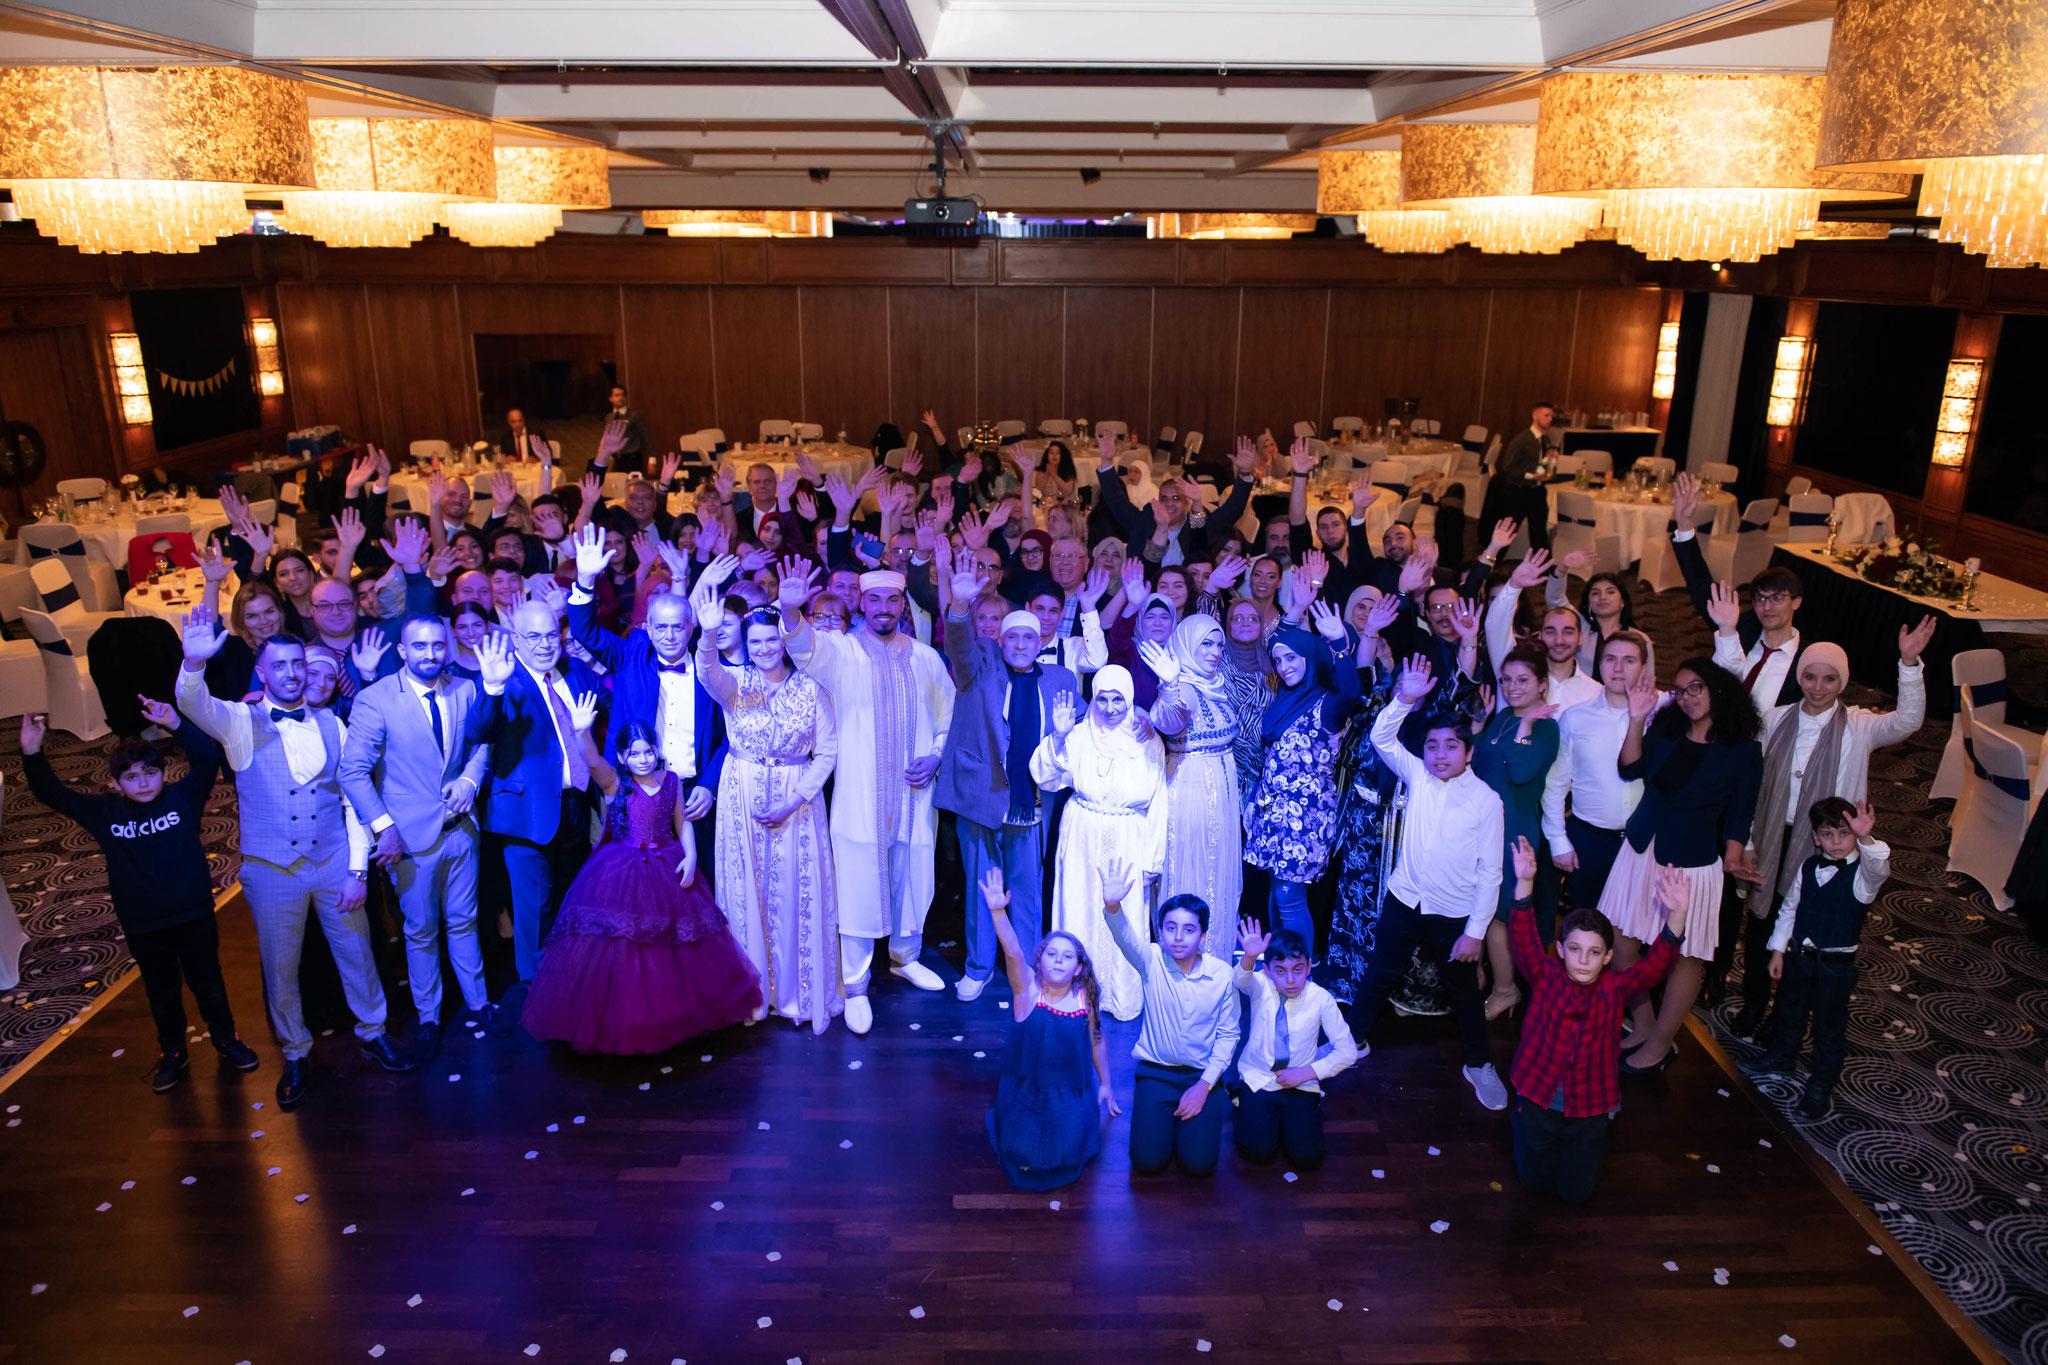 Gruppenfoto, Gruppenaufnahmen bei Hochzeiten und Events